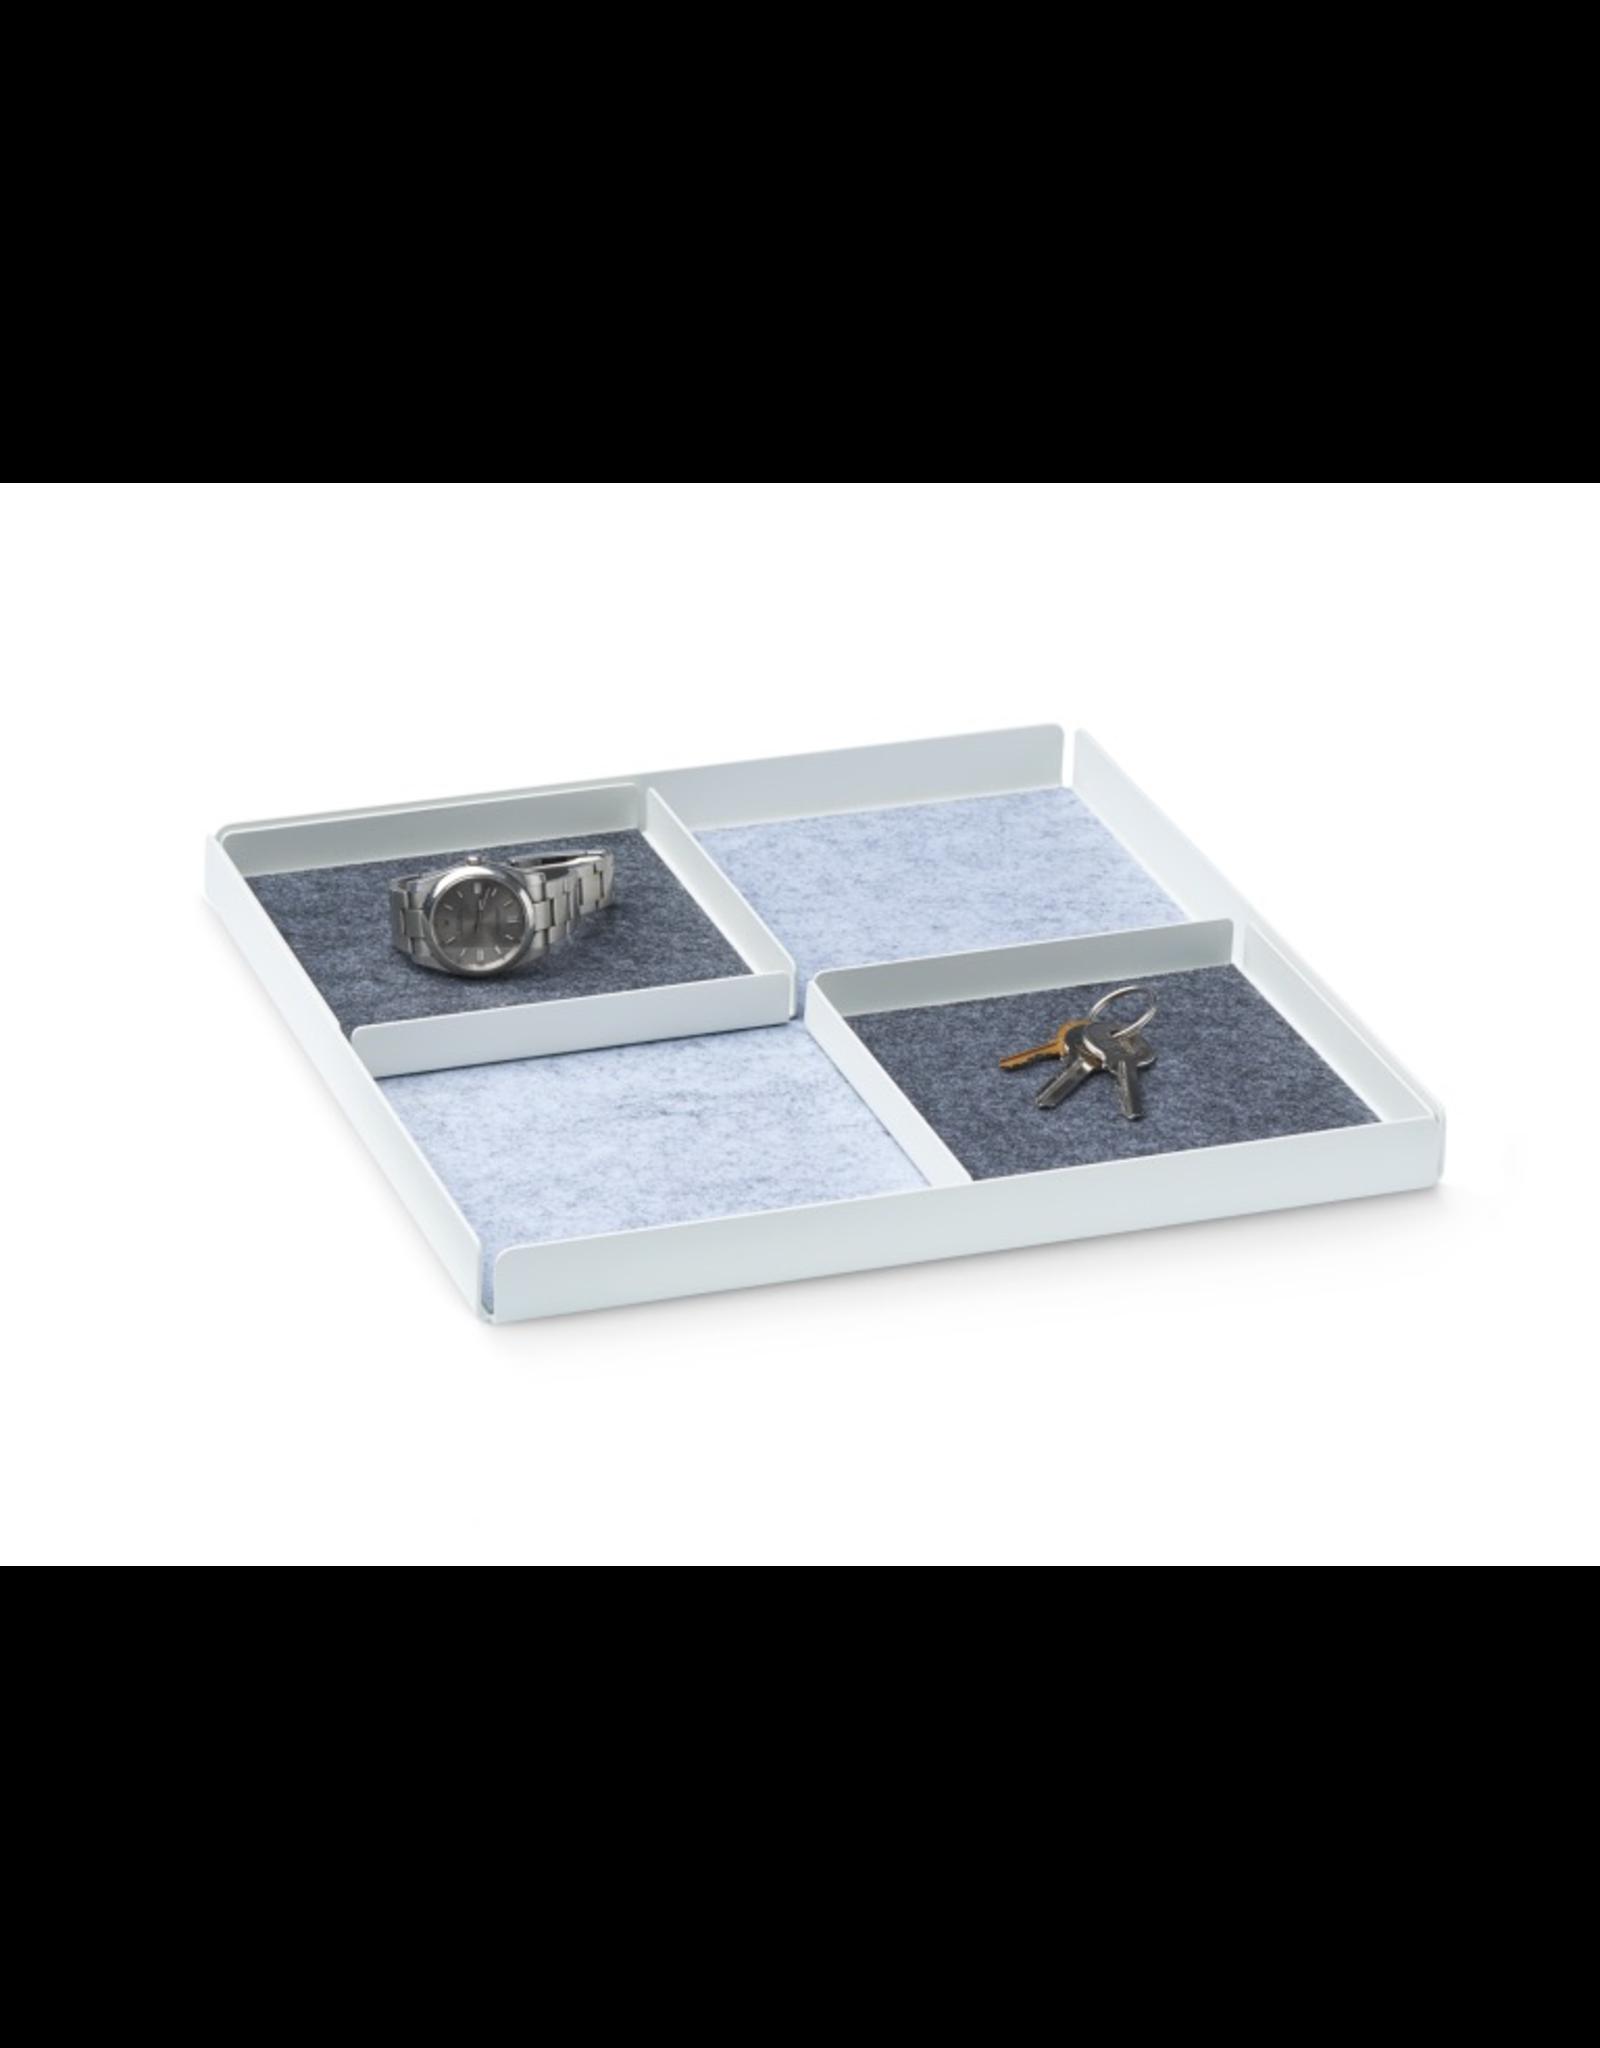 bureau POCKET REST X Organizer Tray Set Set de 3 pièces. - Blanc / Gris